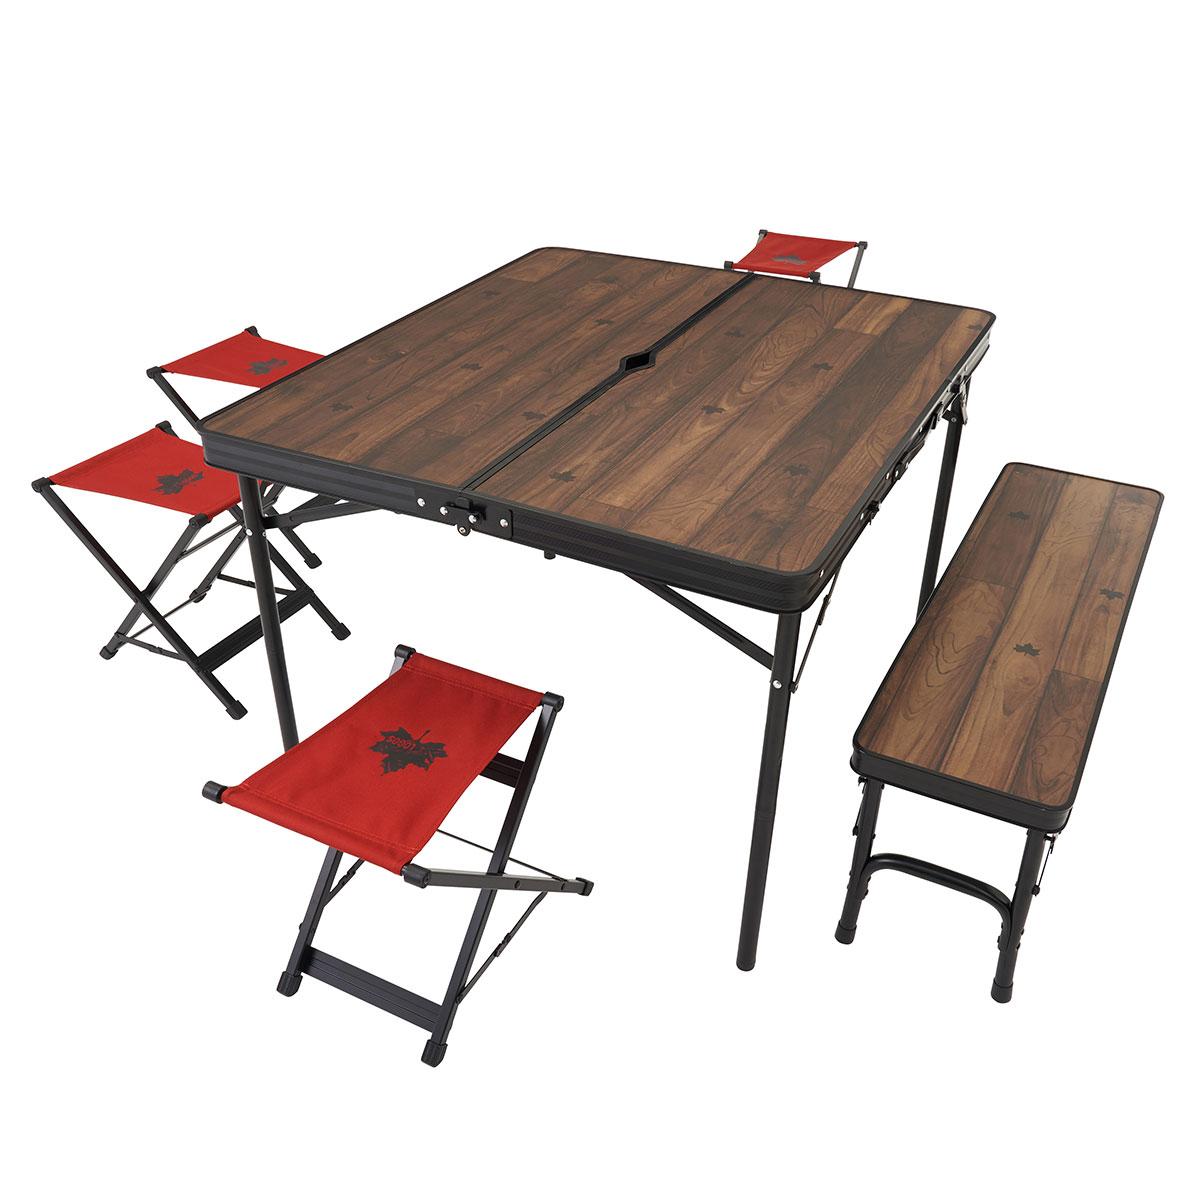 画像1: 【注目リリース】LOGOS(ロゴス)から新発売の「Tracksleeper テーブル」シリーズがタフでおしゃれ!